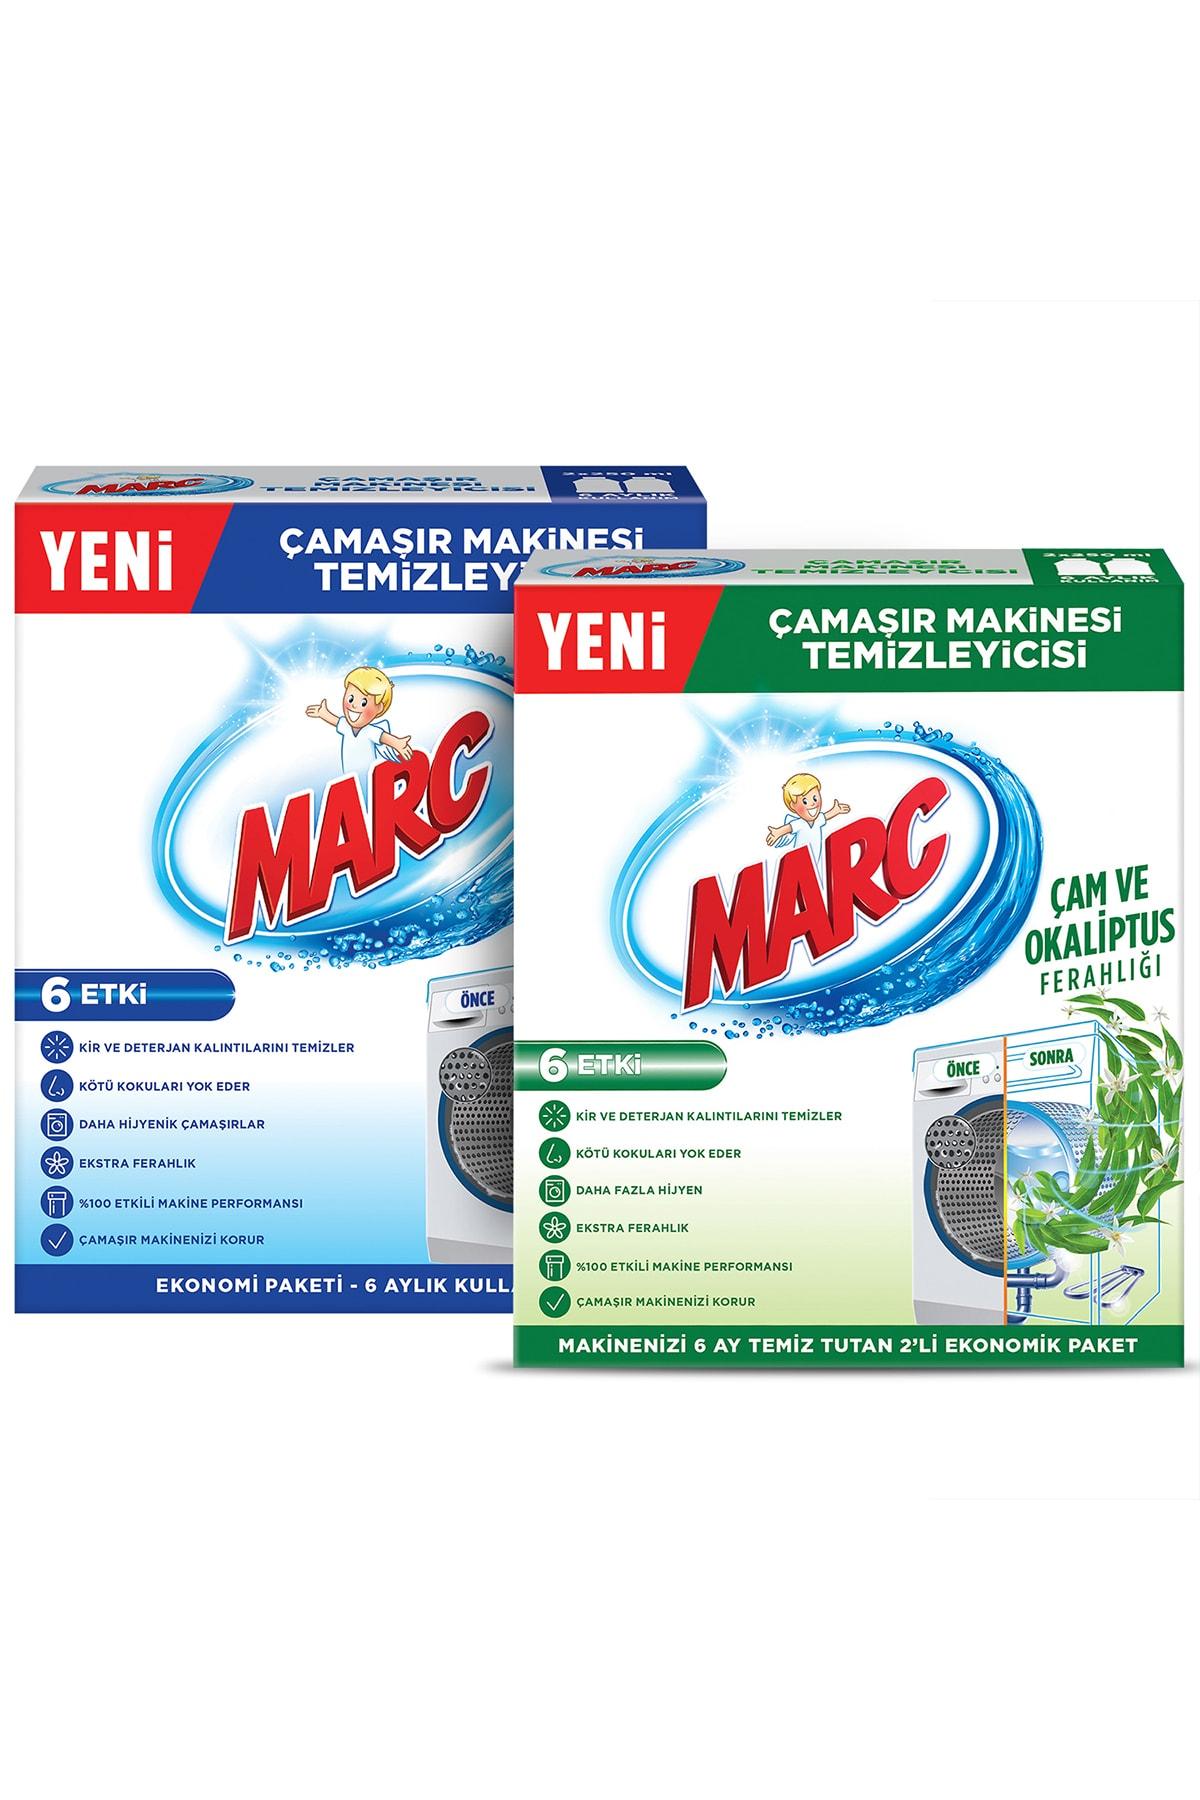 Marc Çamaşır Makinesi Temizleyici Regular + Çam ve Okaliptus Ferahlığı 2